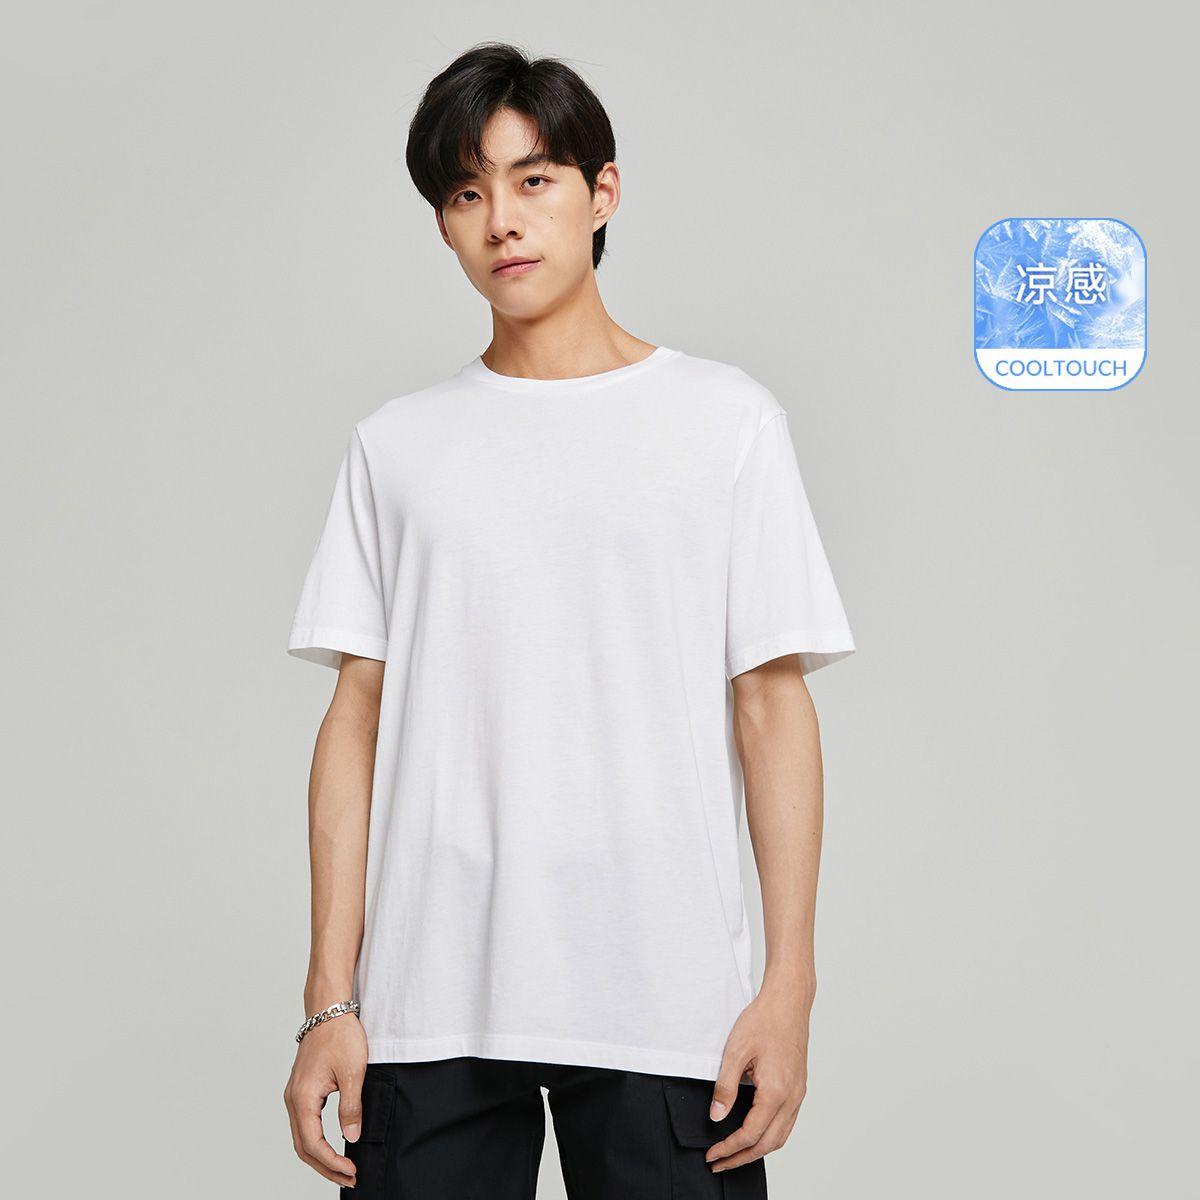 JACK&JONES 杰克琼斯 221201438 男士简约T恤